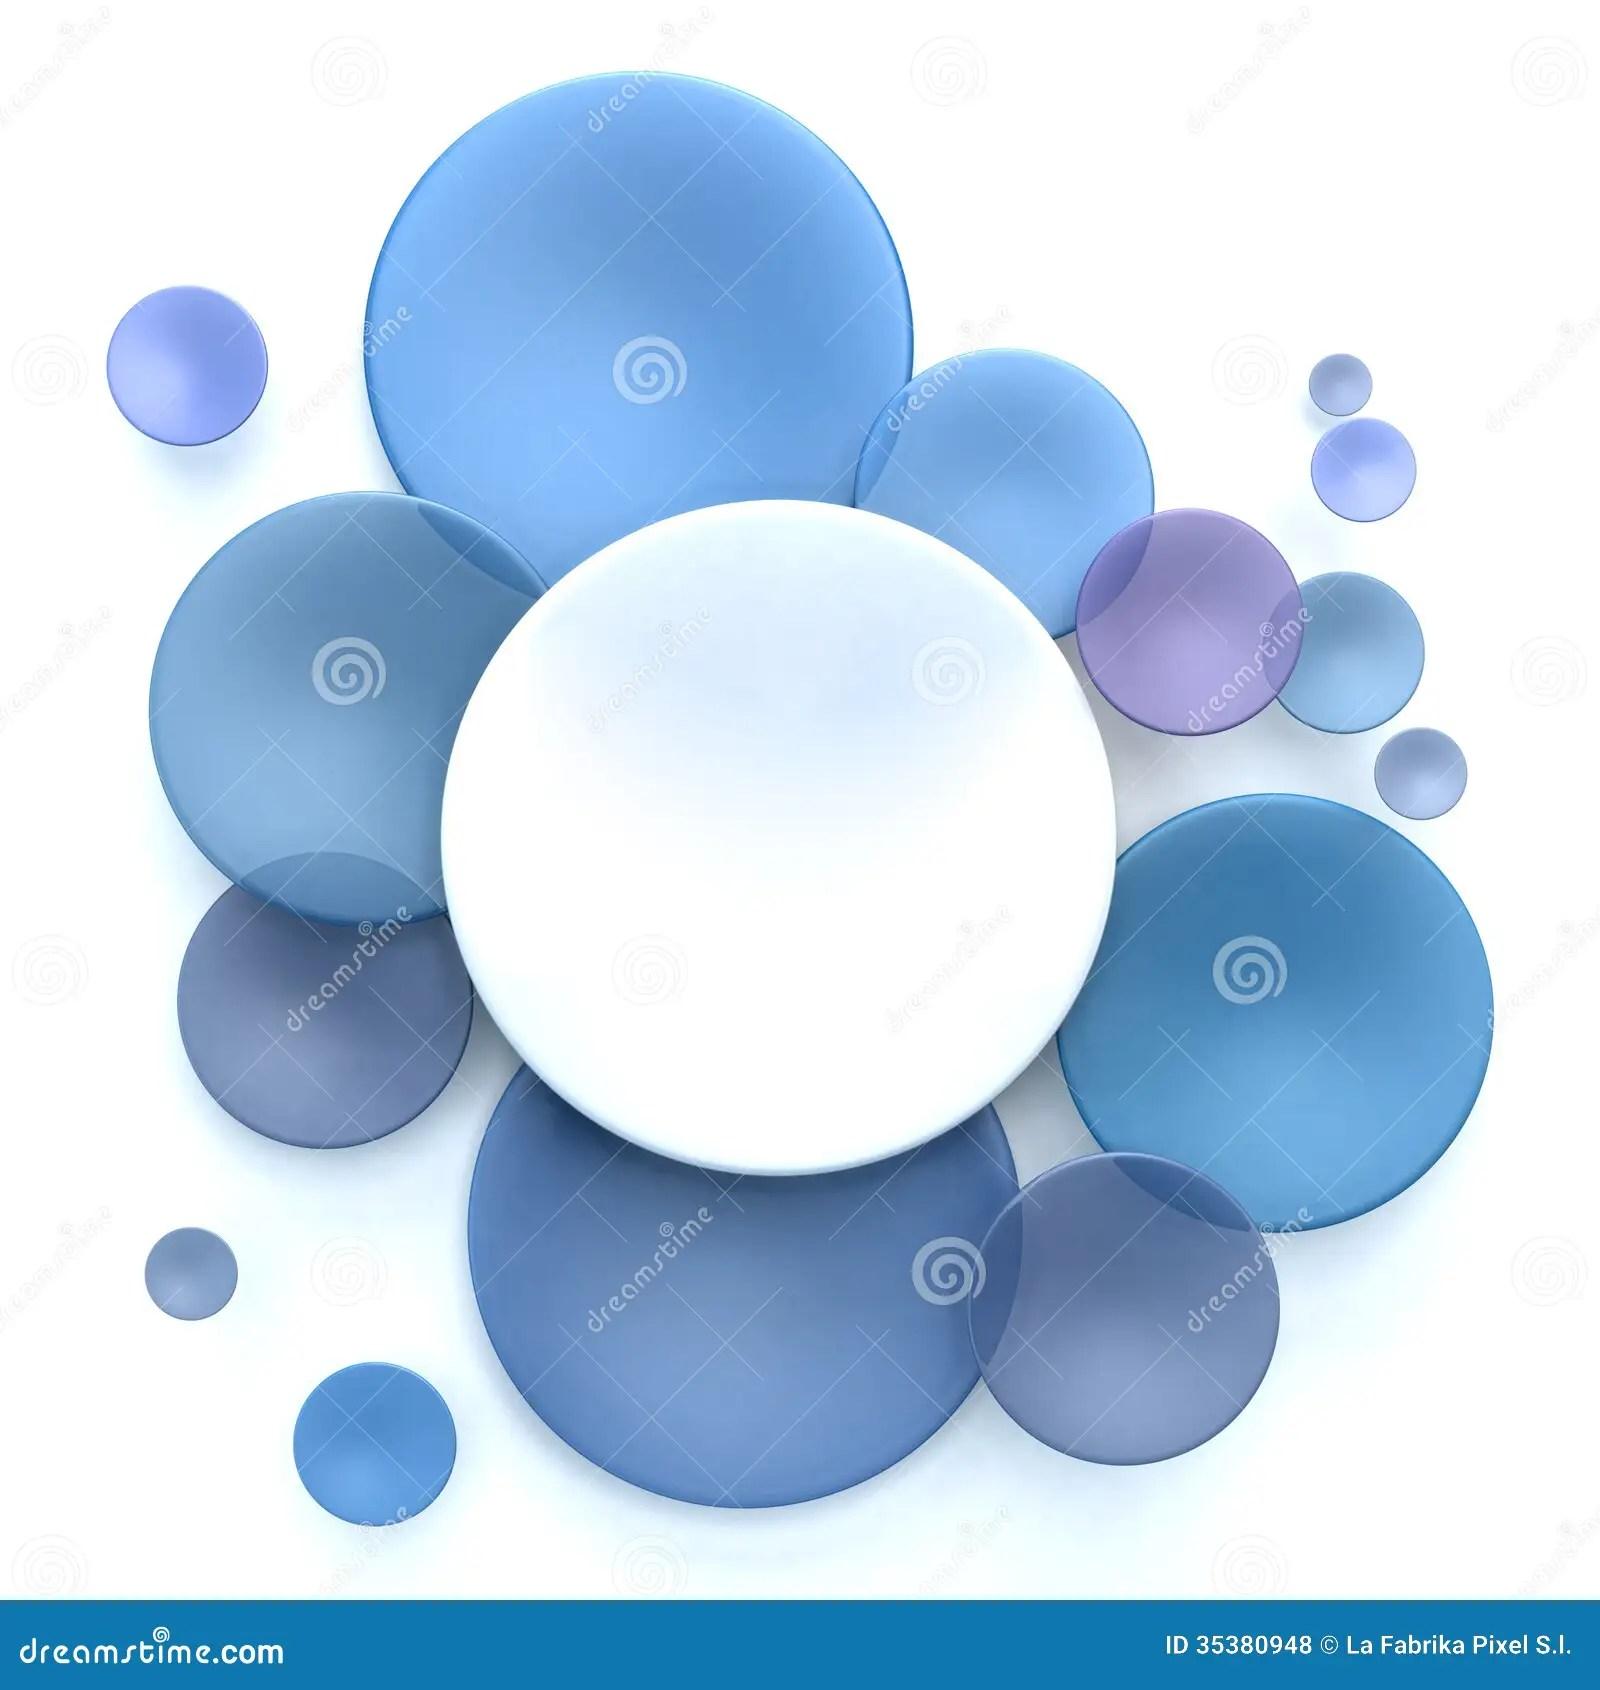 Bubble Lenses Blue Contact